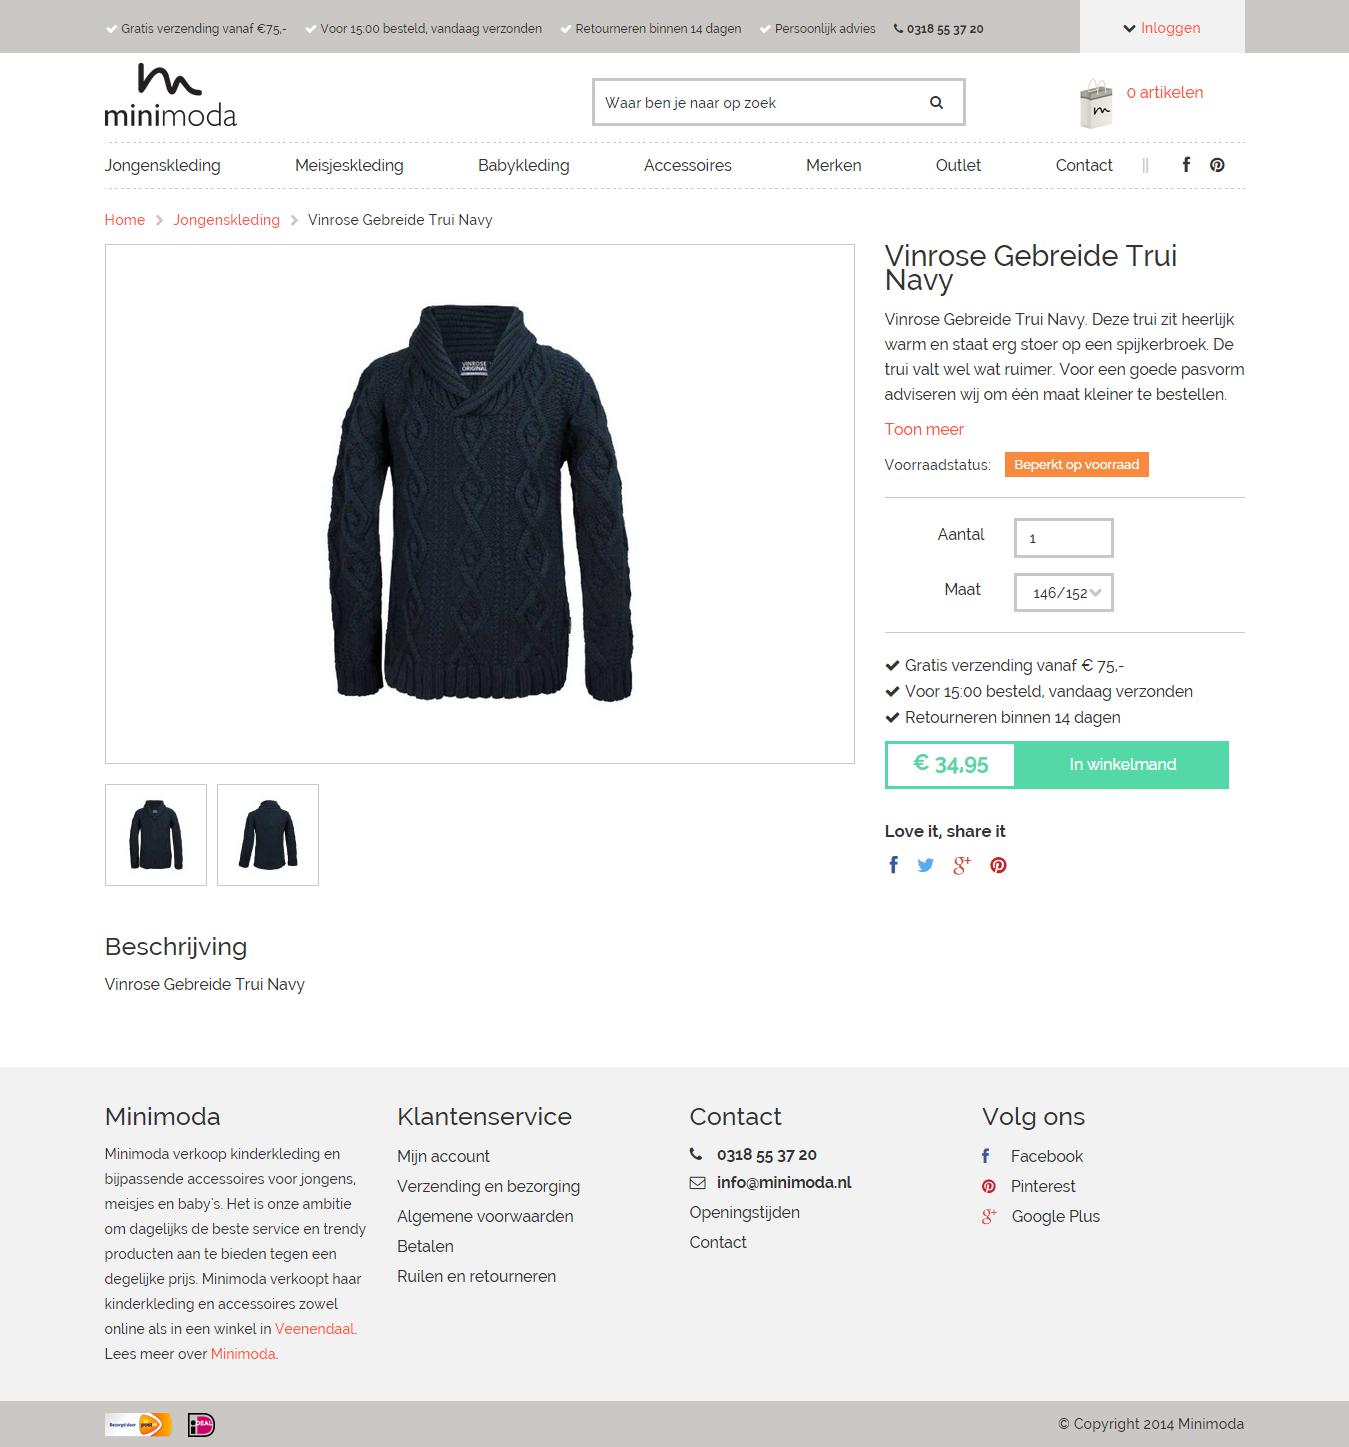 webshop design kleding